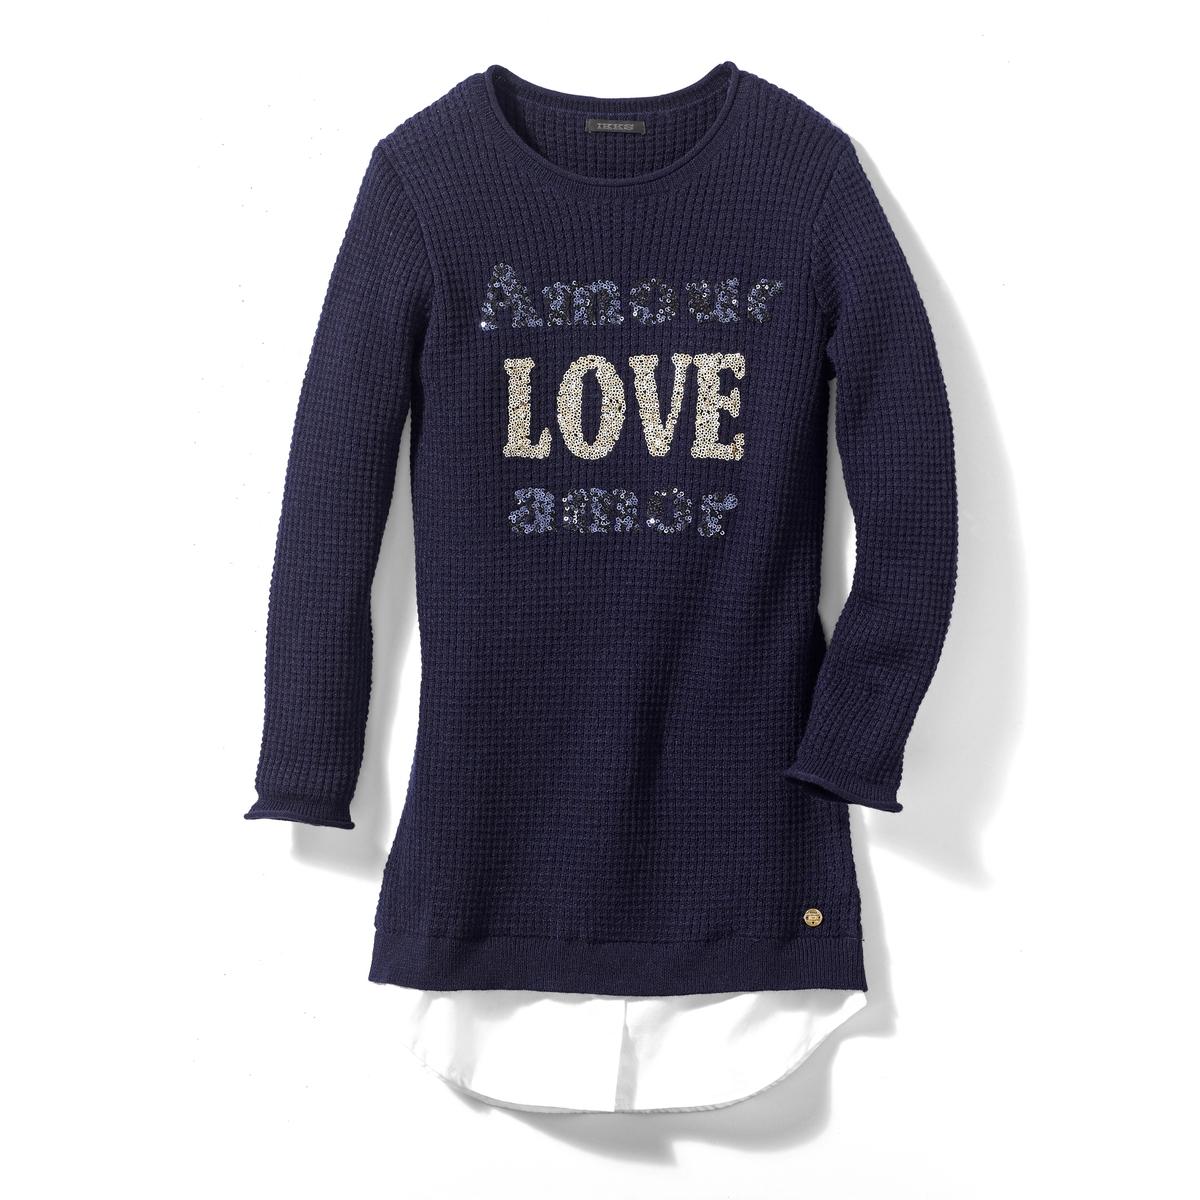 Платье-пуловер 3 - 14 летОписание:Платье-пуловер синего цвета для девочек . Рифленый трикотаж, вышивка с блестками Отделка выреза, рукавов и груди в рубчик .Оптическая иллюзия- белая рубашка Детали •  Форма : расклешенная •  Длина до колен •  Длинные рукава    •  Круглый вырезСостав и уход •  68% хлопка, 2% других волокон, 30% полиэстера •  Следуйте советам по уходу, указанным на этикетке<br><br>Цвет: темно-синий